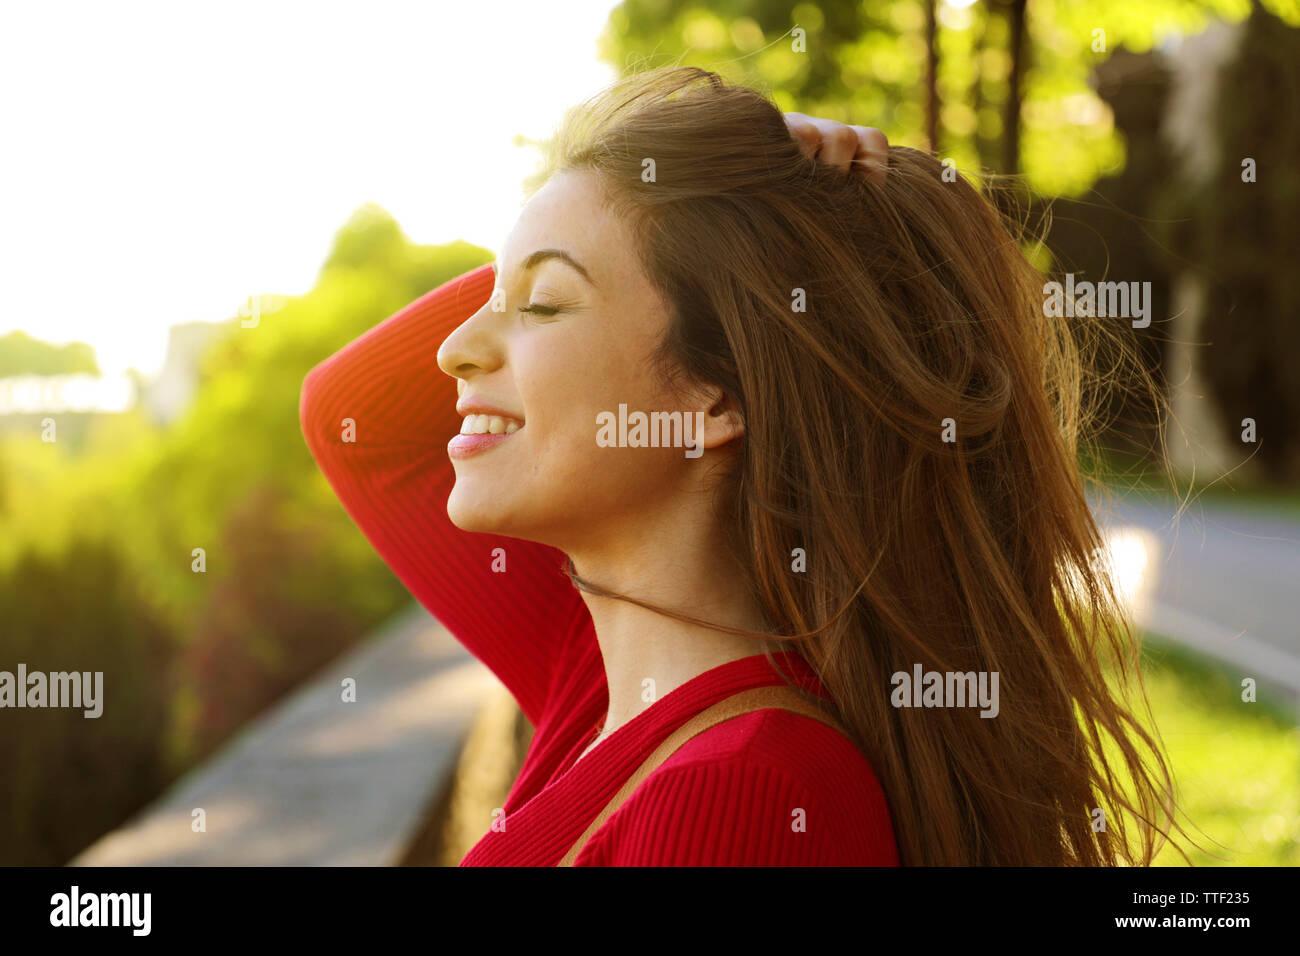 Junge Frau im Freien Portrait mit geschlossenen Augen Stockfoto